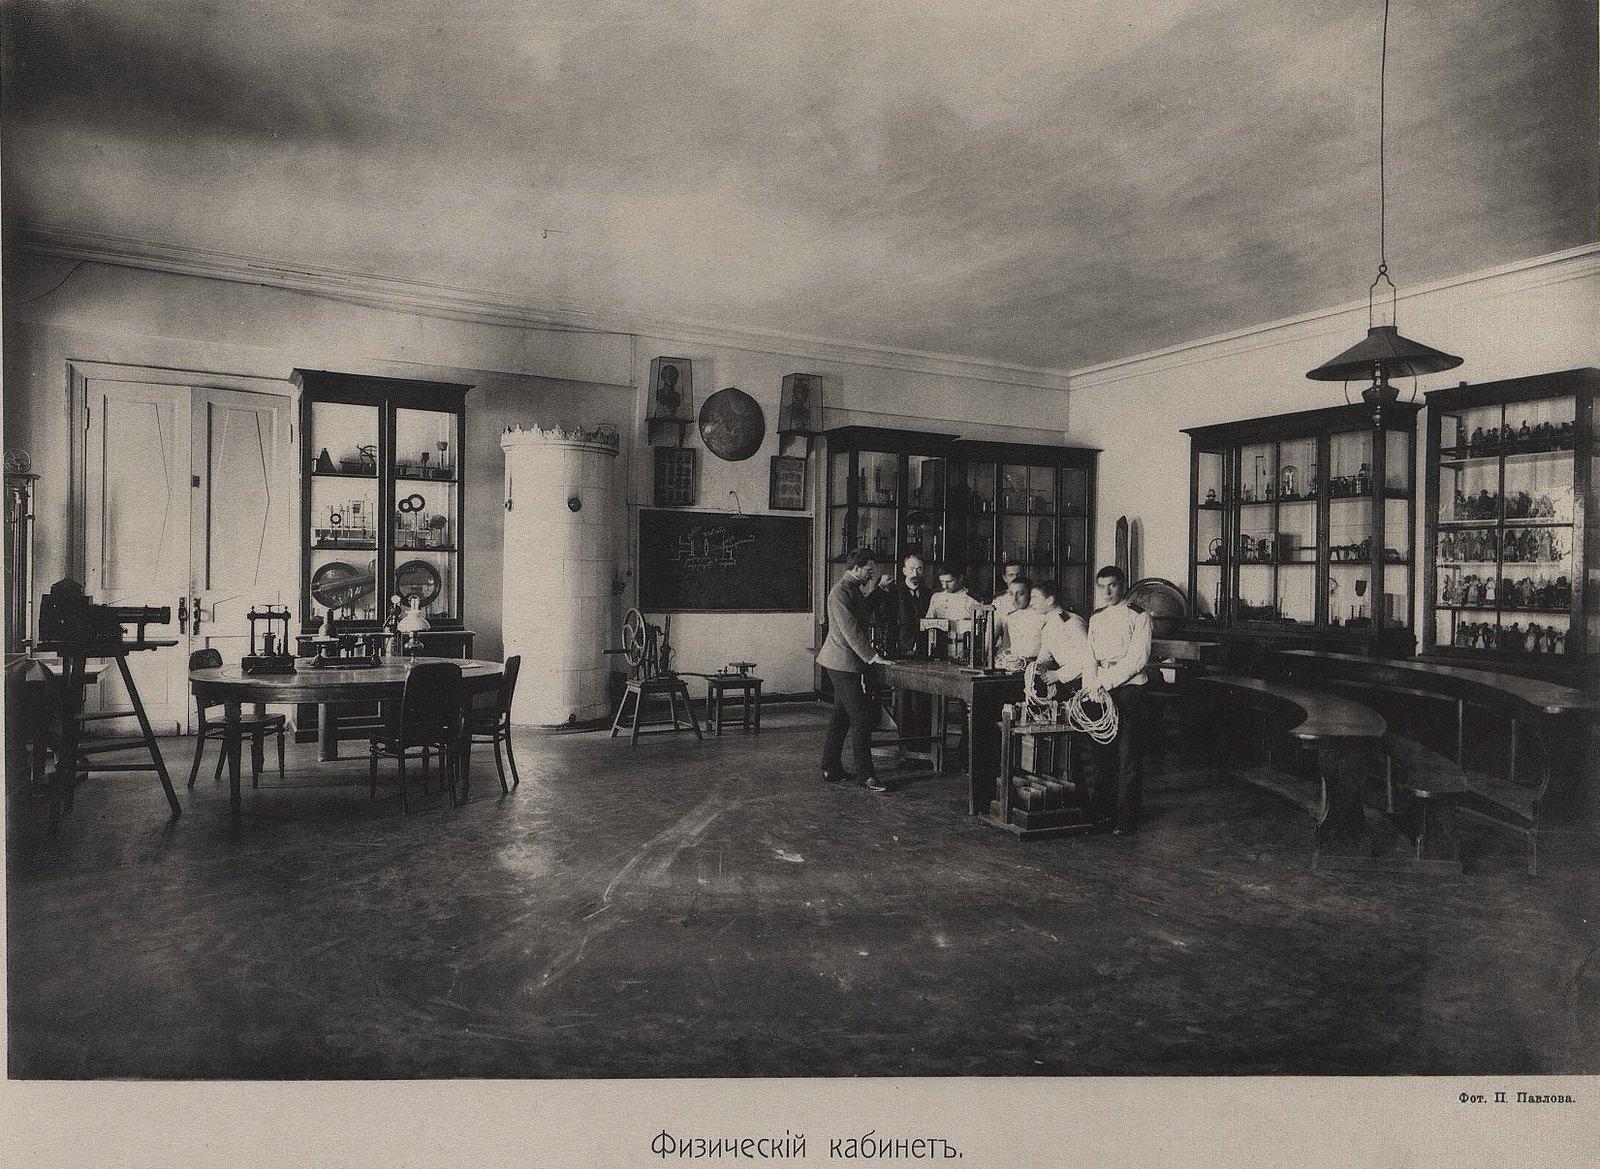 39. Физический кабинет